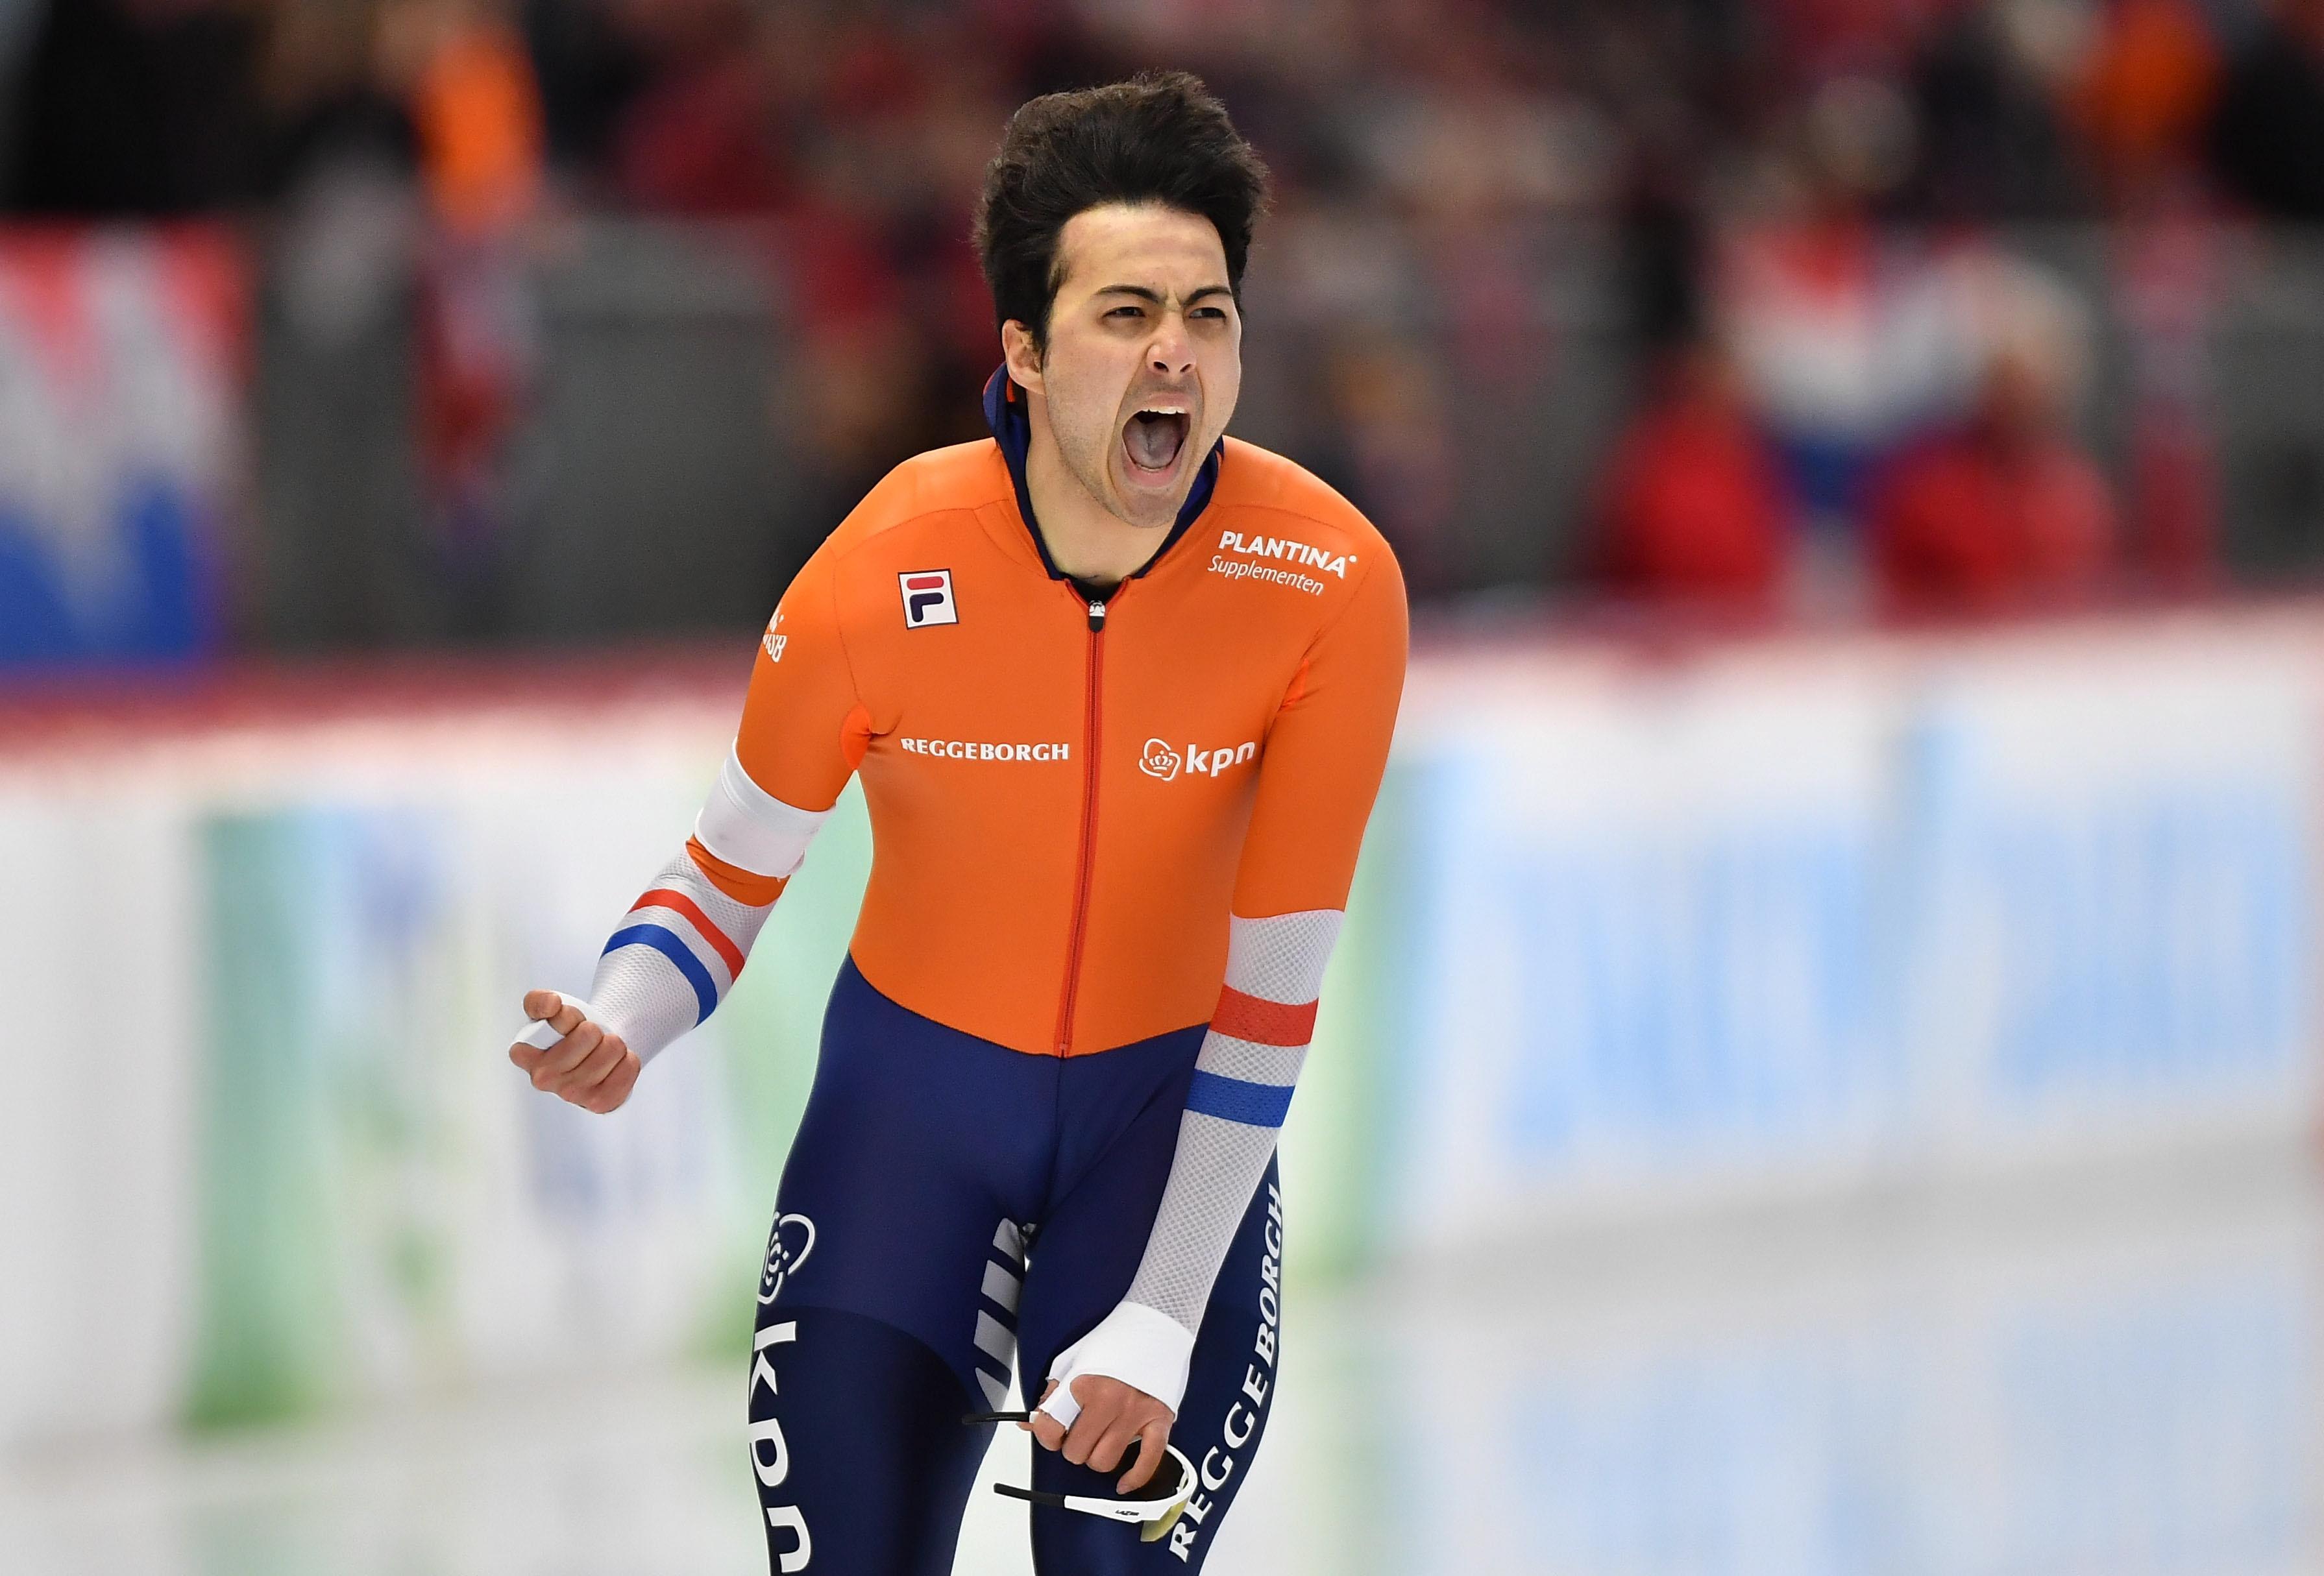 Verbij uit Hoogmade wint goud op WK afstanden, brons voor Nuis